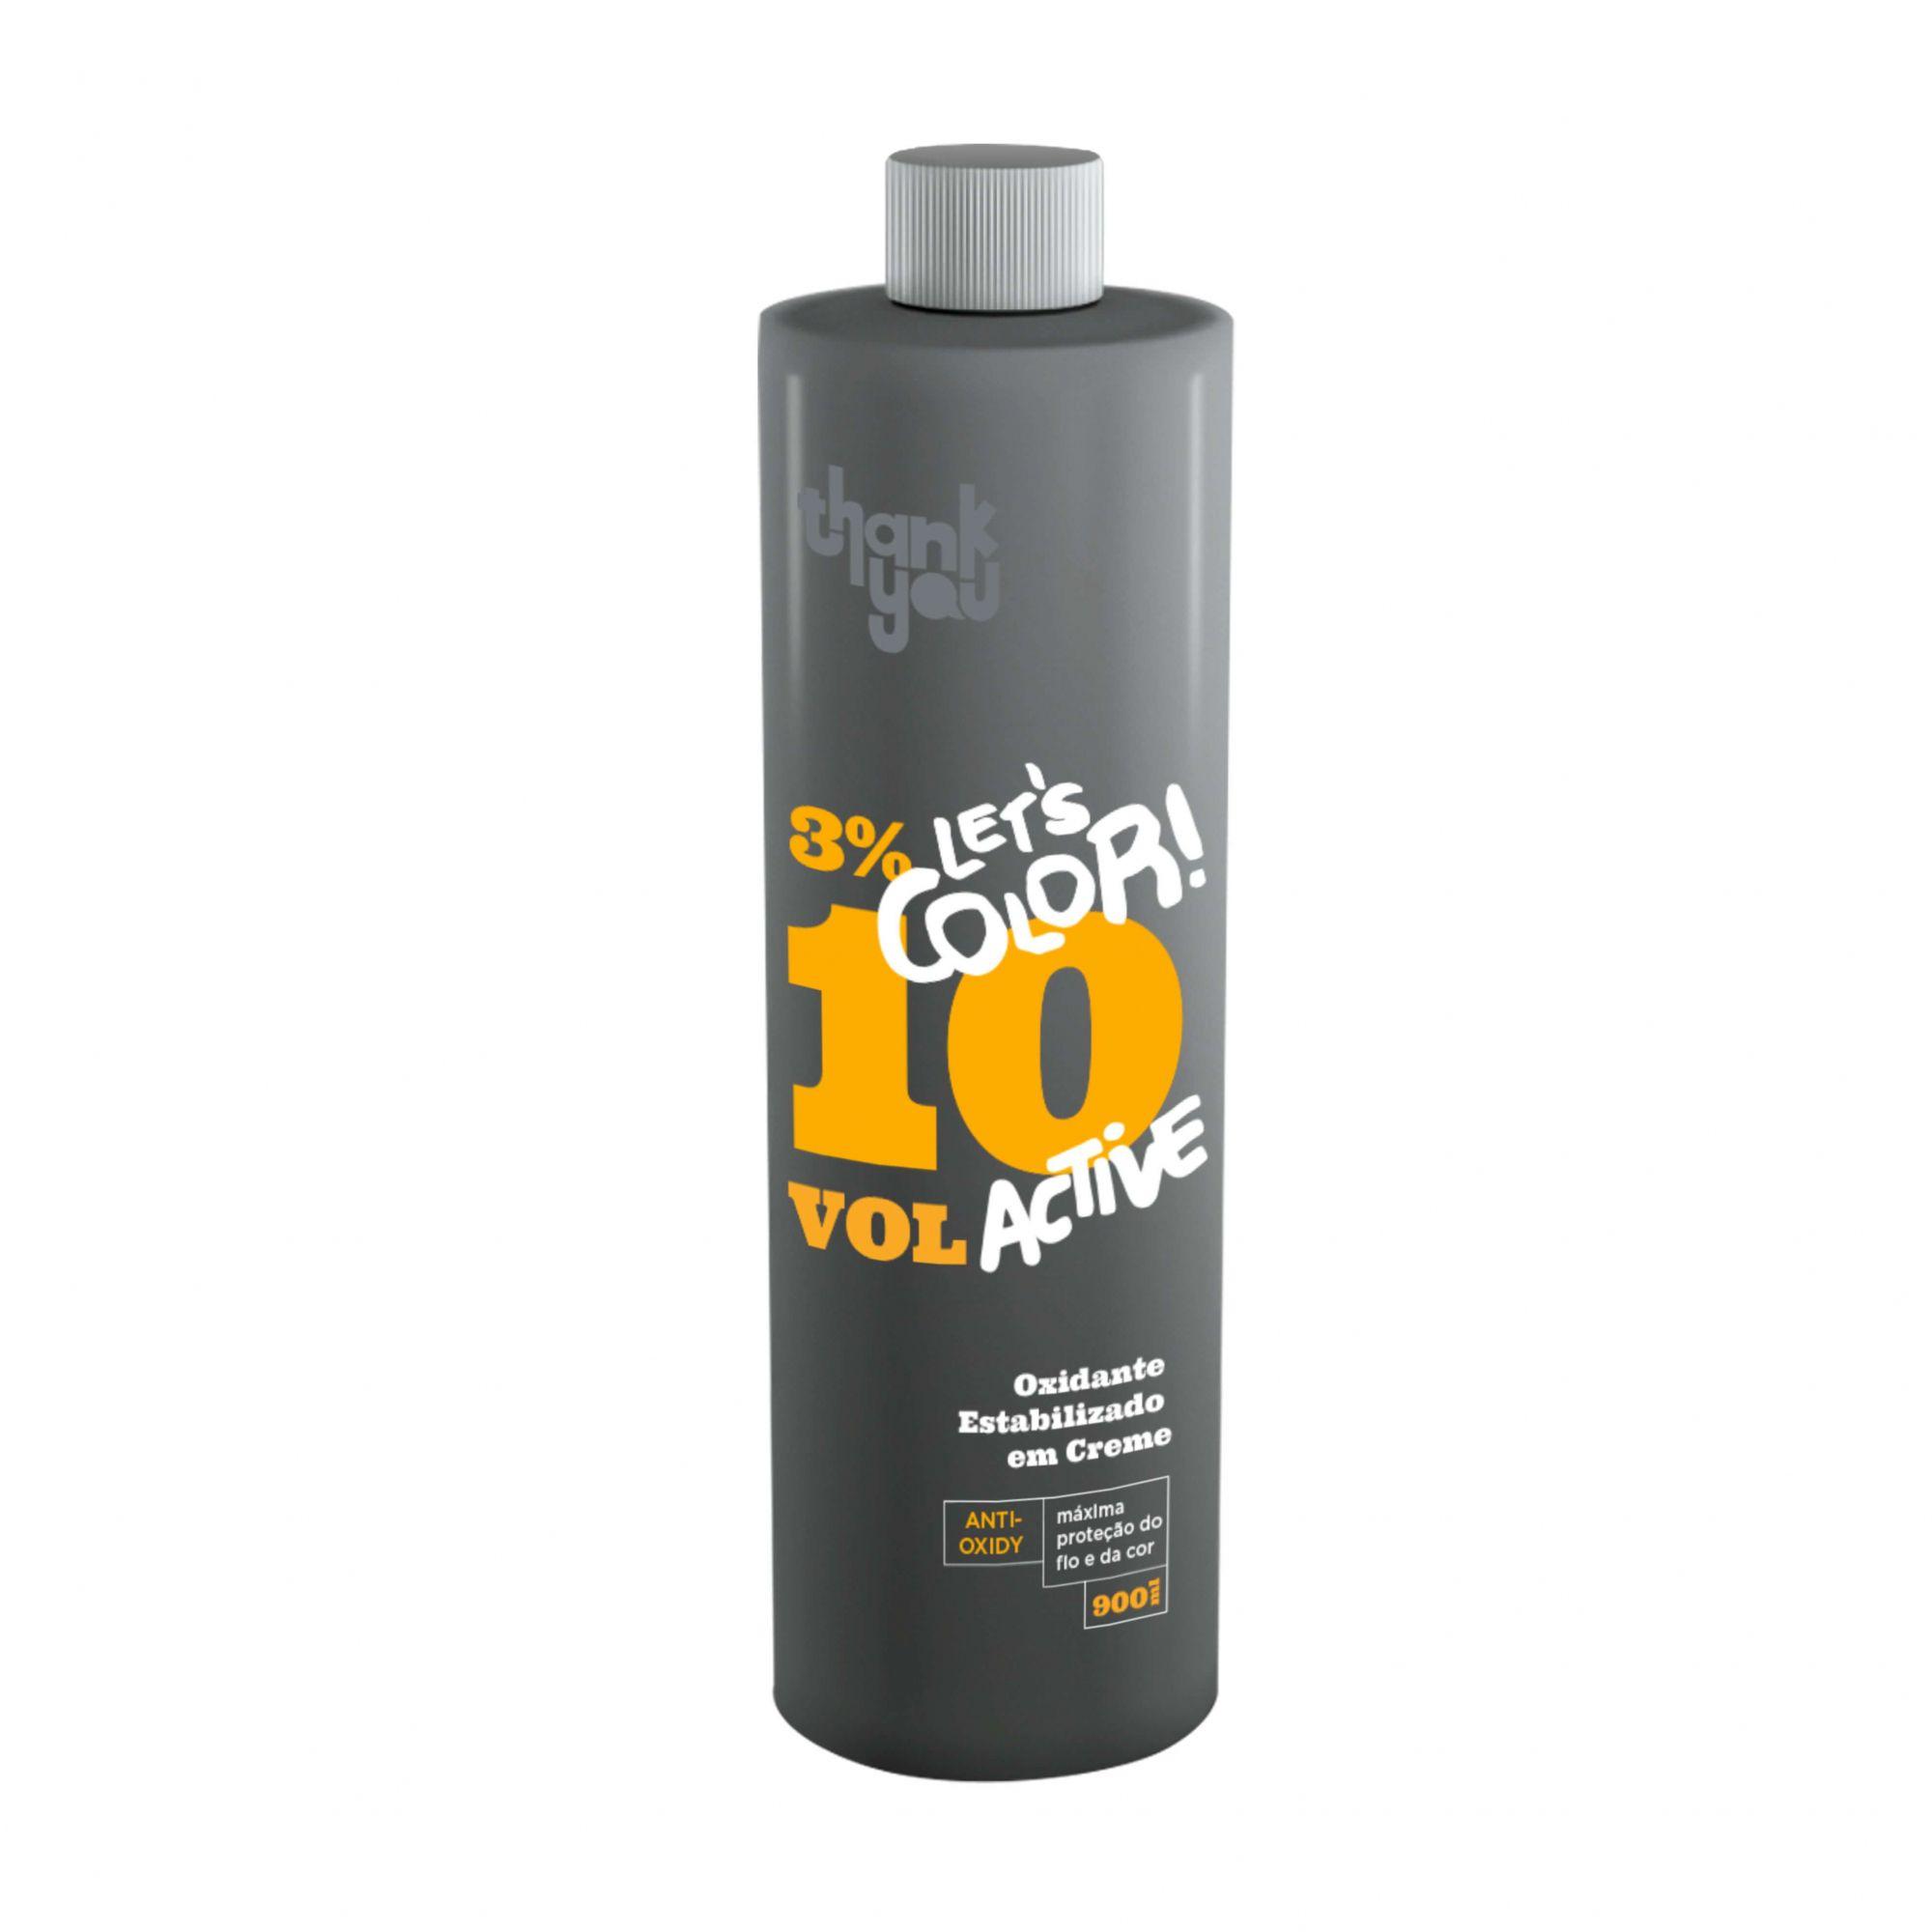 Creme Oxidante Estabilizado 3% - 10 Volumes Thank You Let's Color - 900ml